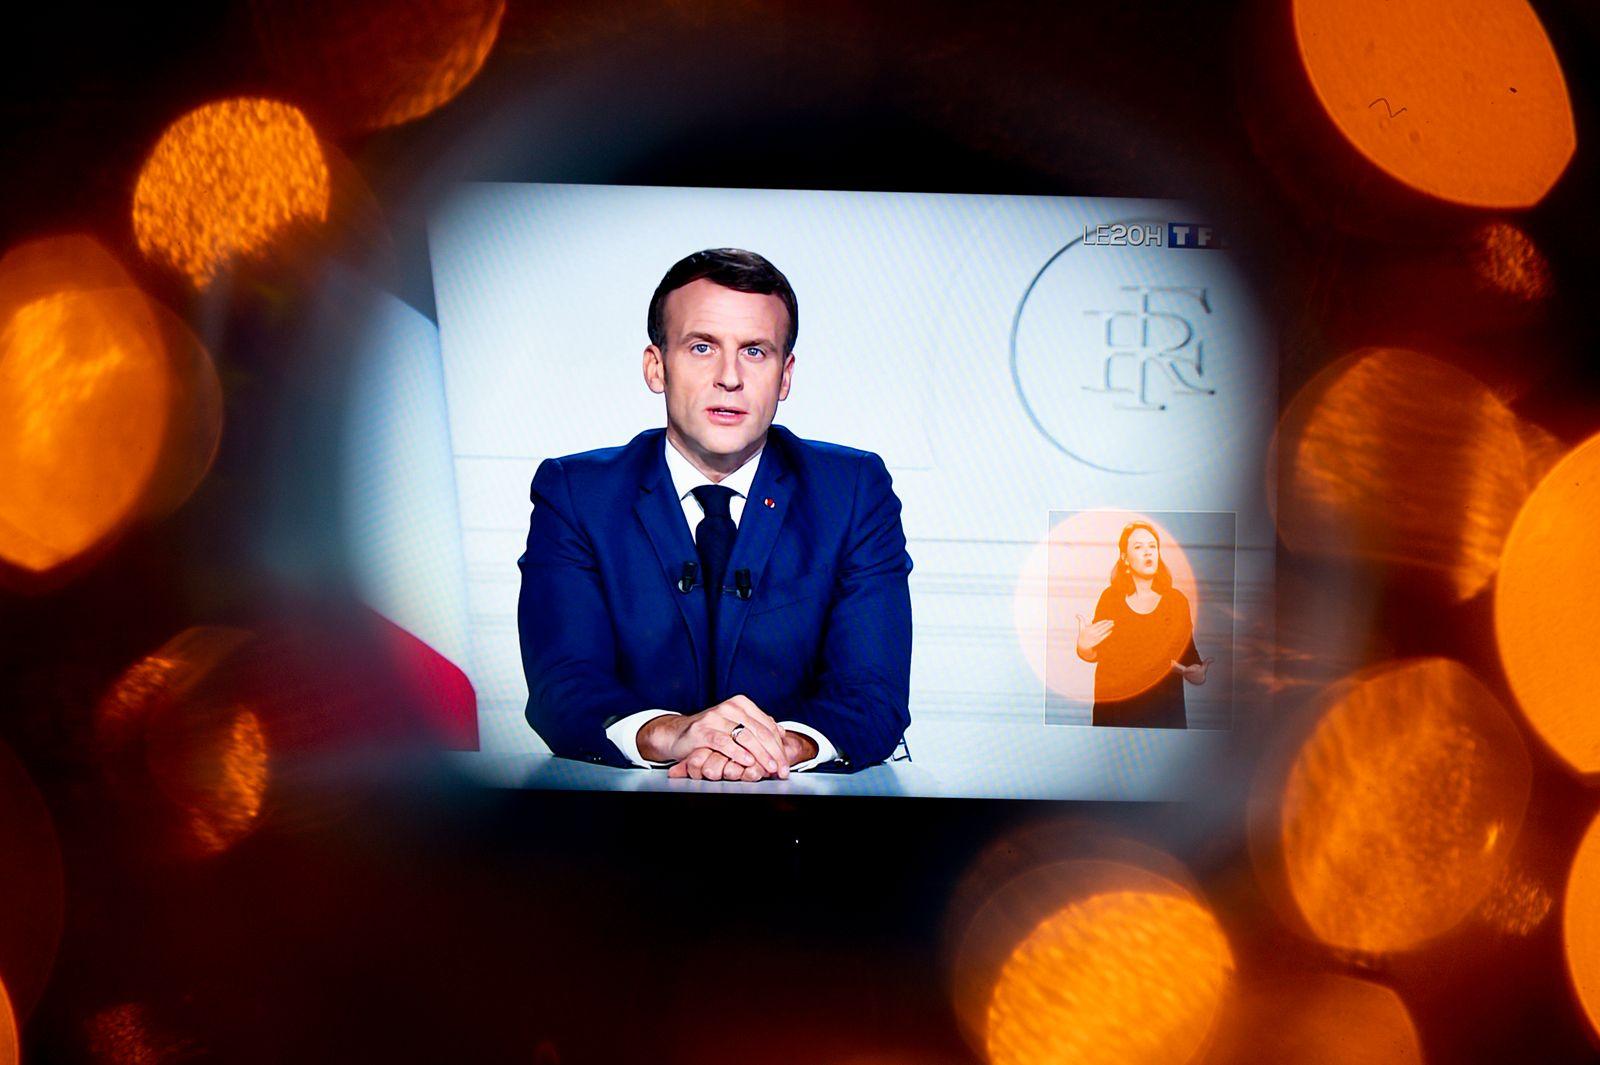 Allocution televisee d Emmanuel Macron - President de la Republique Francaise en hommage a l ancien president Valery Gis